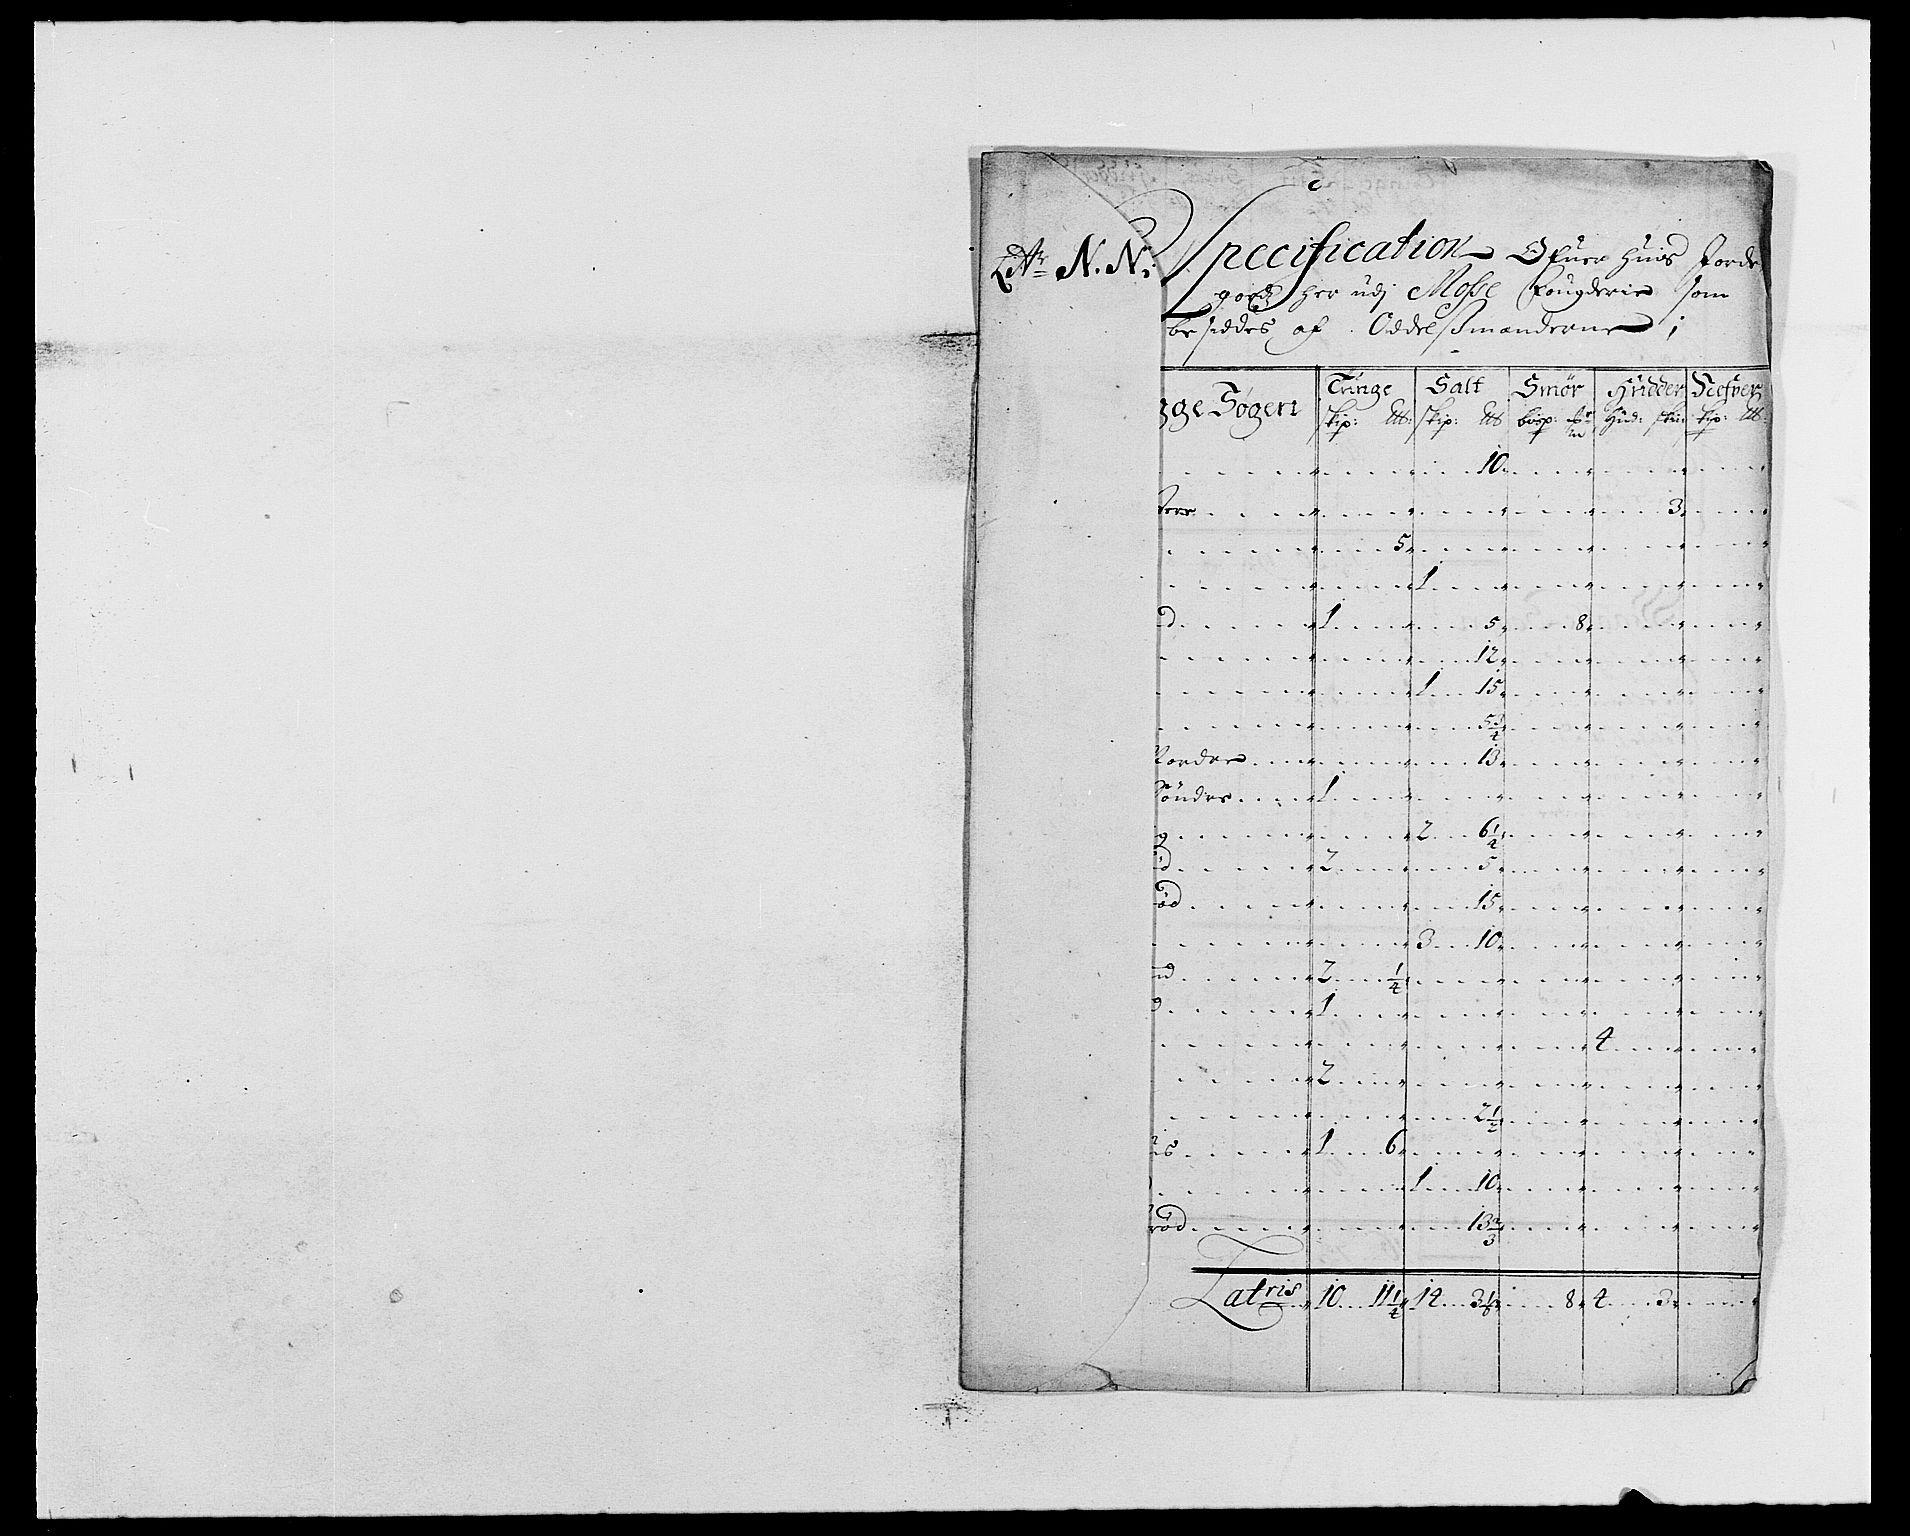 RA, Rentekammeret inntil 1814, Reviderte regnskaper, Fogderegnskap, R02/L0106: Fogderegnskap Moss og Verne kloster, 1688-1691, s. 250